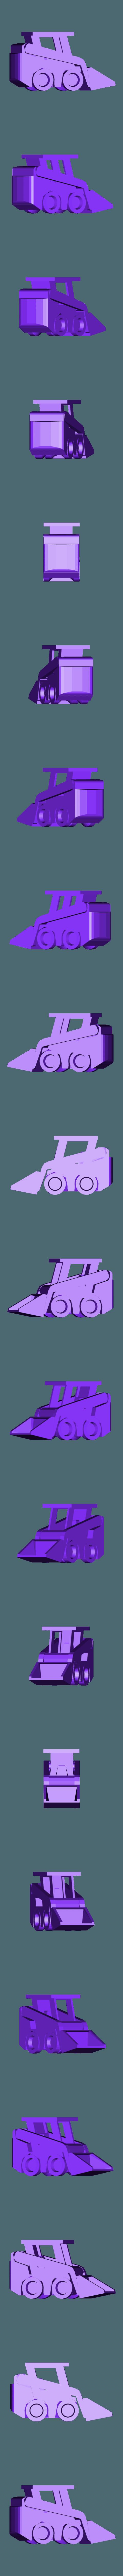 Skid steer2.stl Download free STL file Skid steer • Template to 3D print, MakeItWork